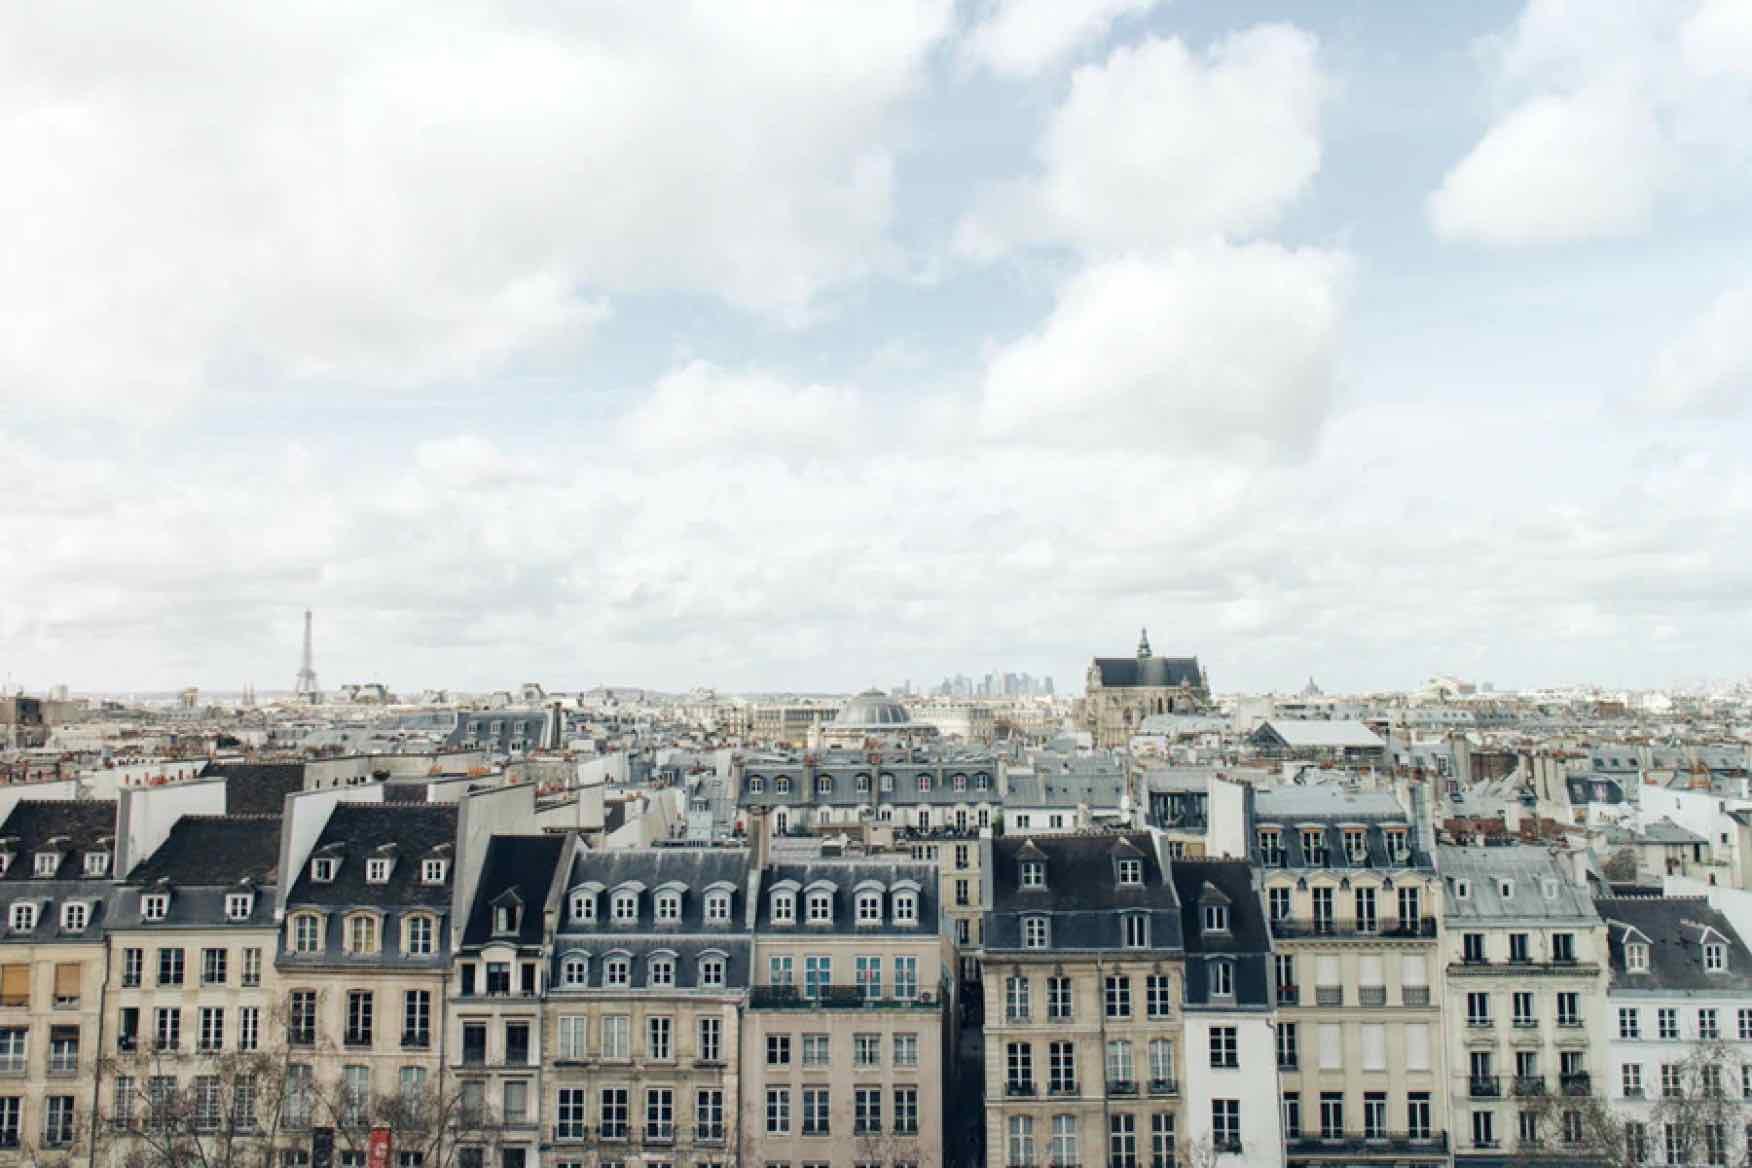 Paris avec la tour eiffel en fond